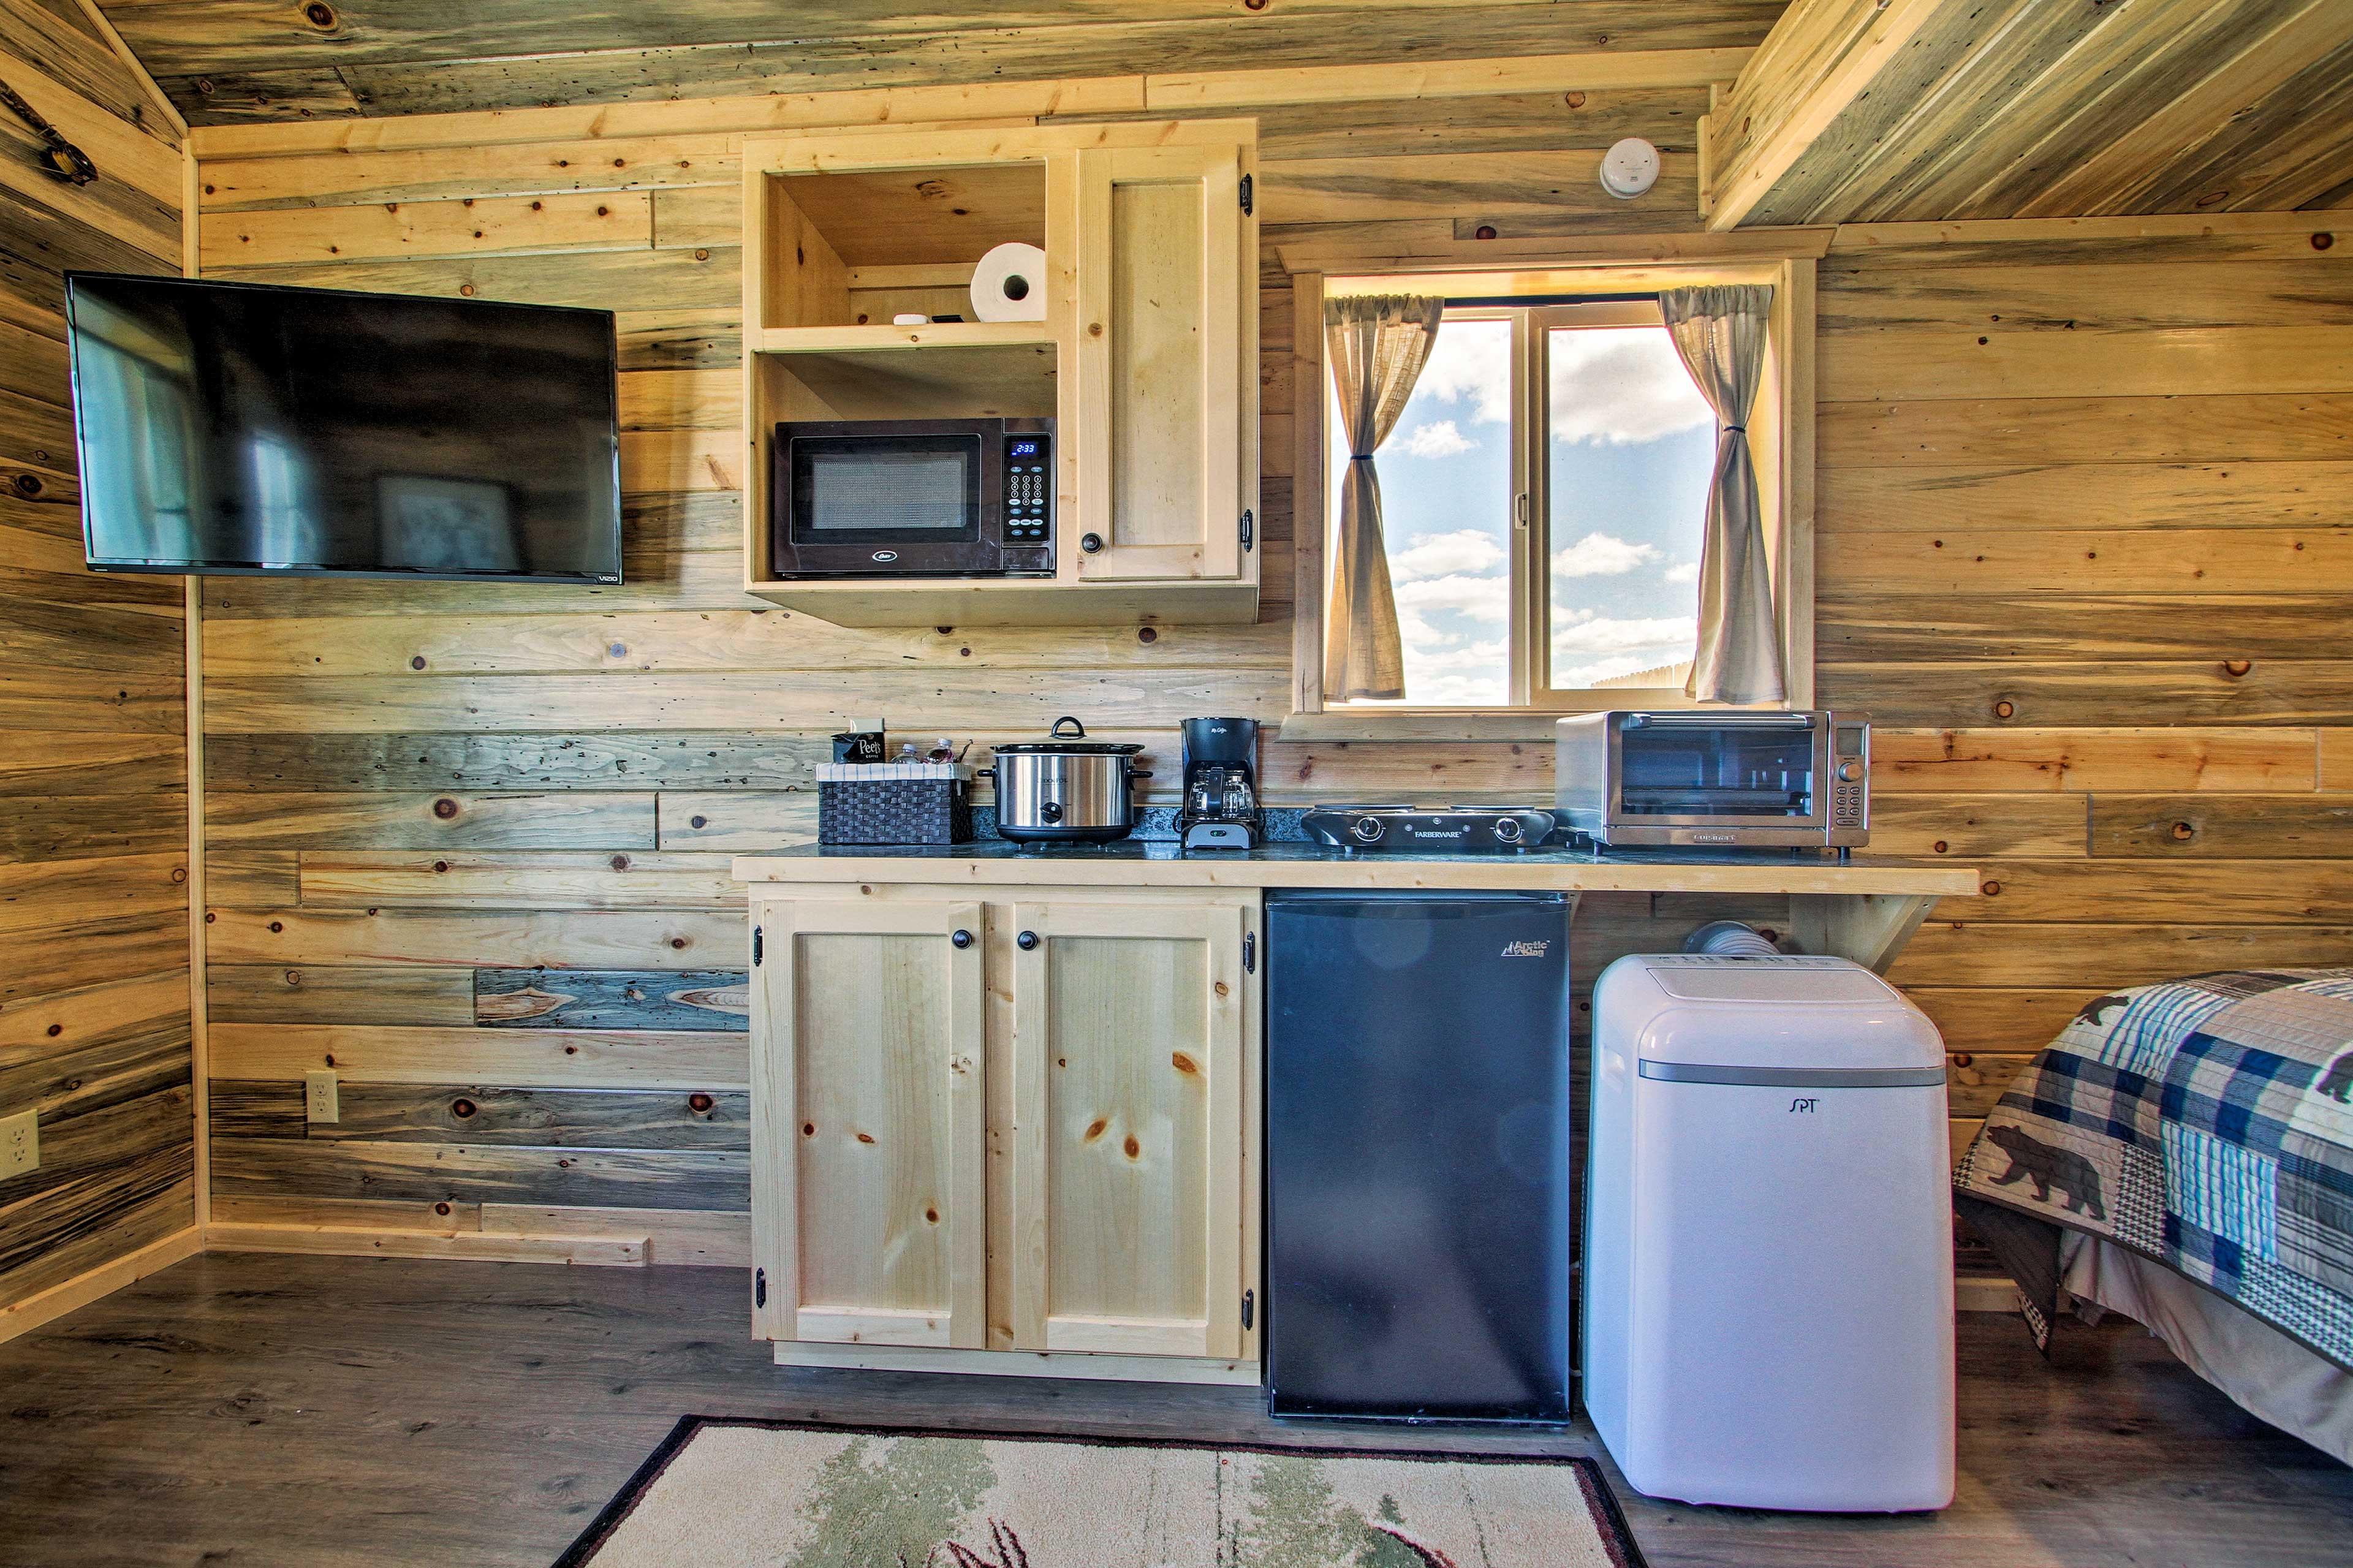 The kitchenette features appliances like a mini-fridge, crock pot & stove top.